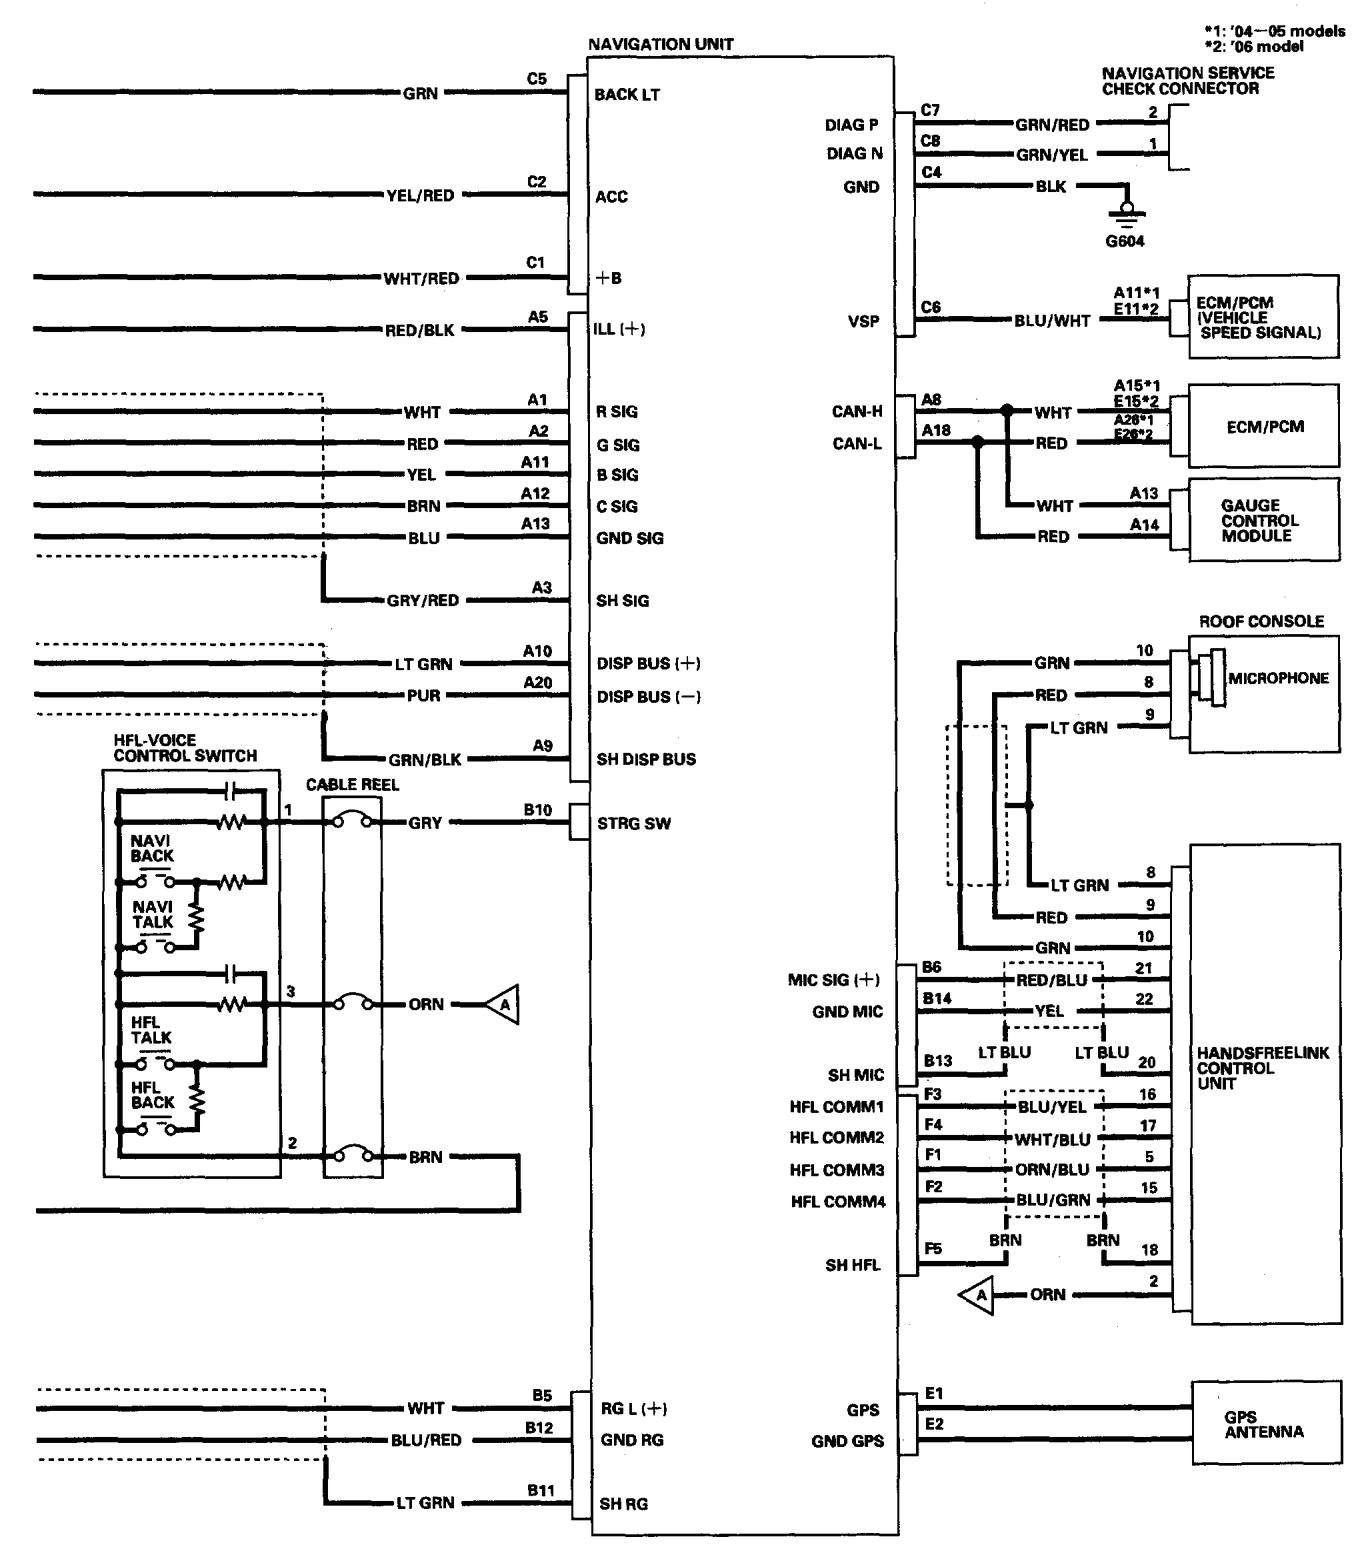 acura tl wiring diagram navigation system 2 2006 jpg